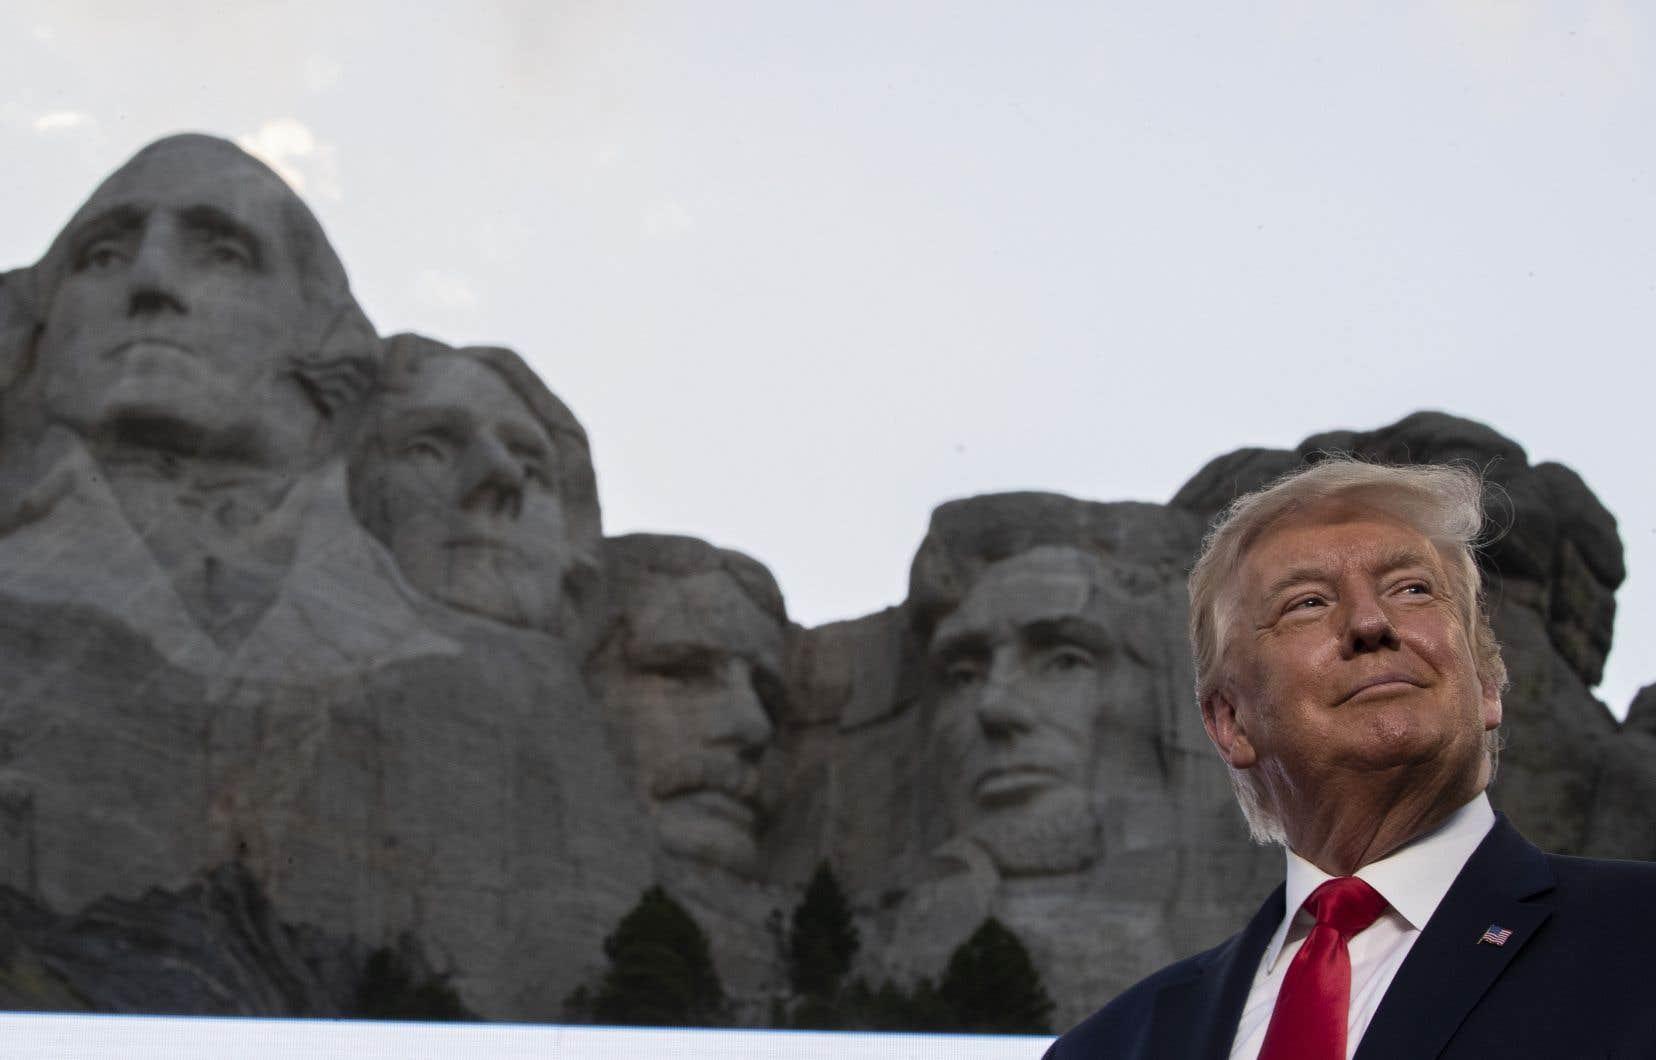 La société civile américaine bouillonne. La campagne électorale se poursuit librement, même si le président Trump ne promet pas d'en accepter les résultats.